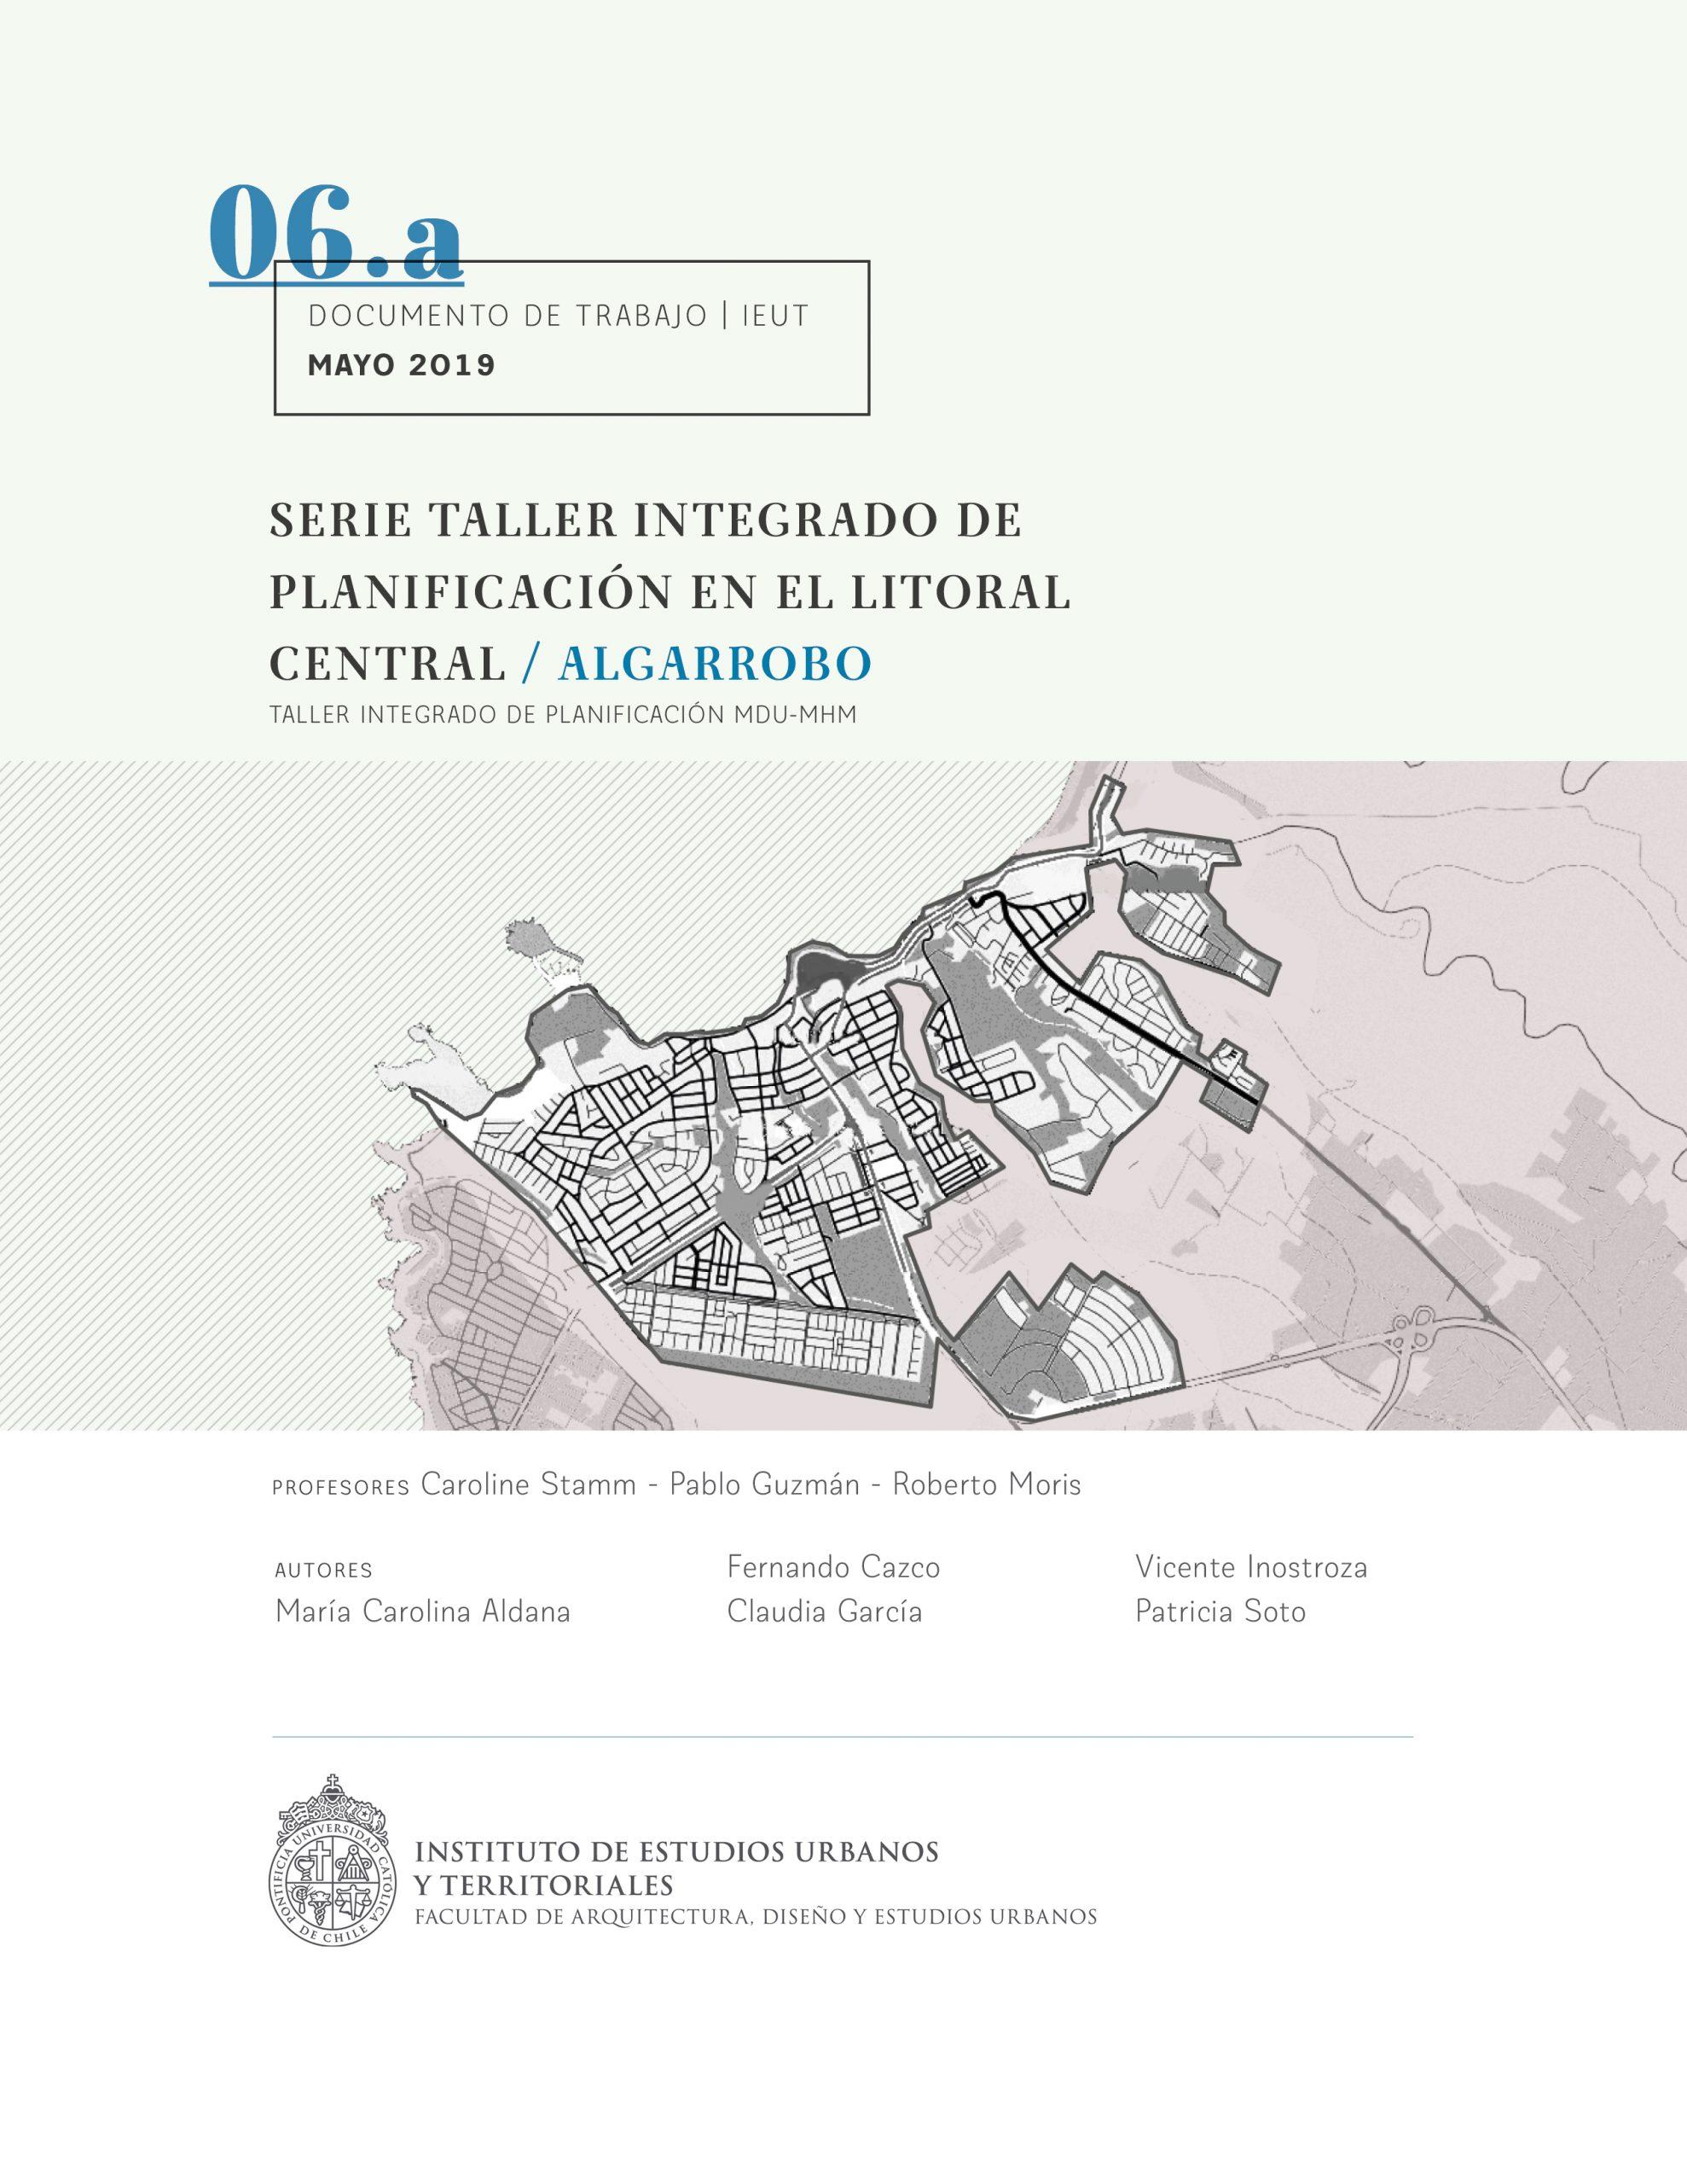 Serie Taller integrado de planificación en el Litoral Central | Algarrobo